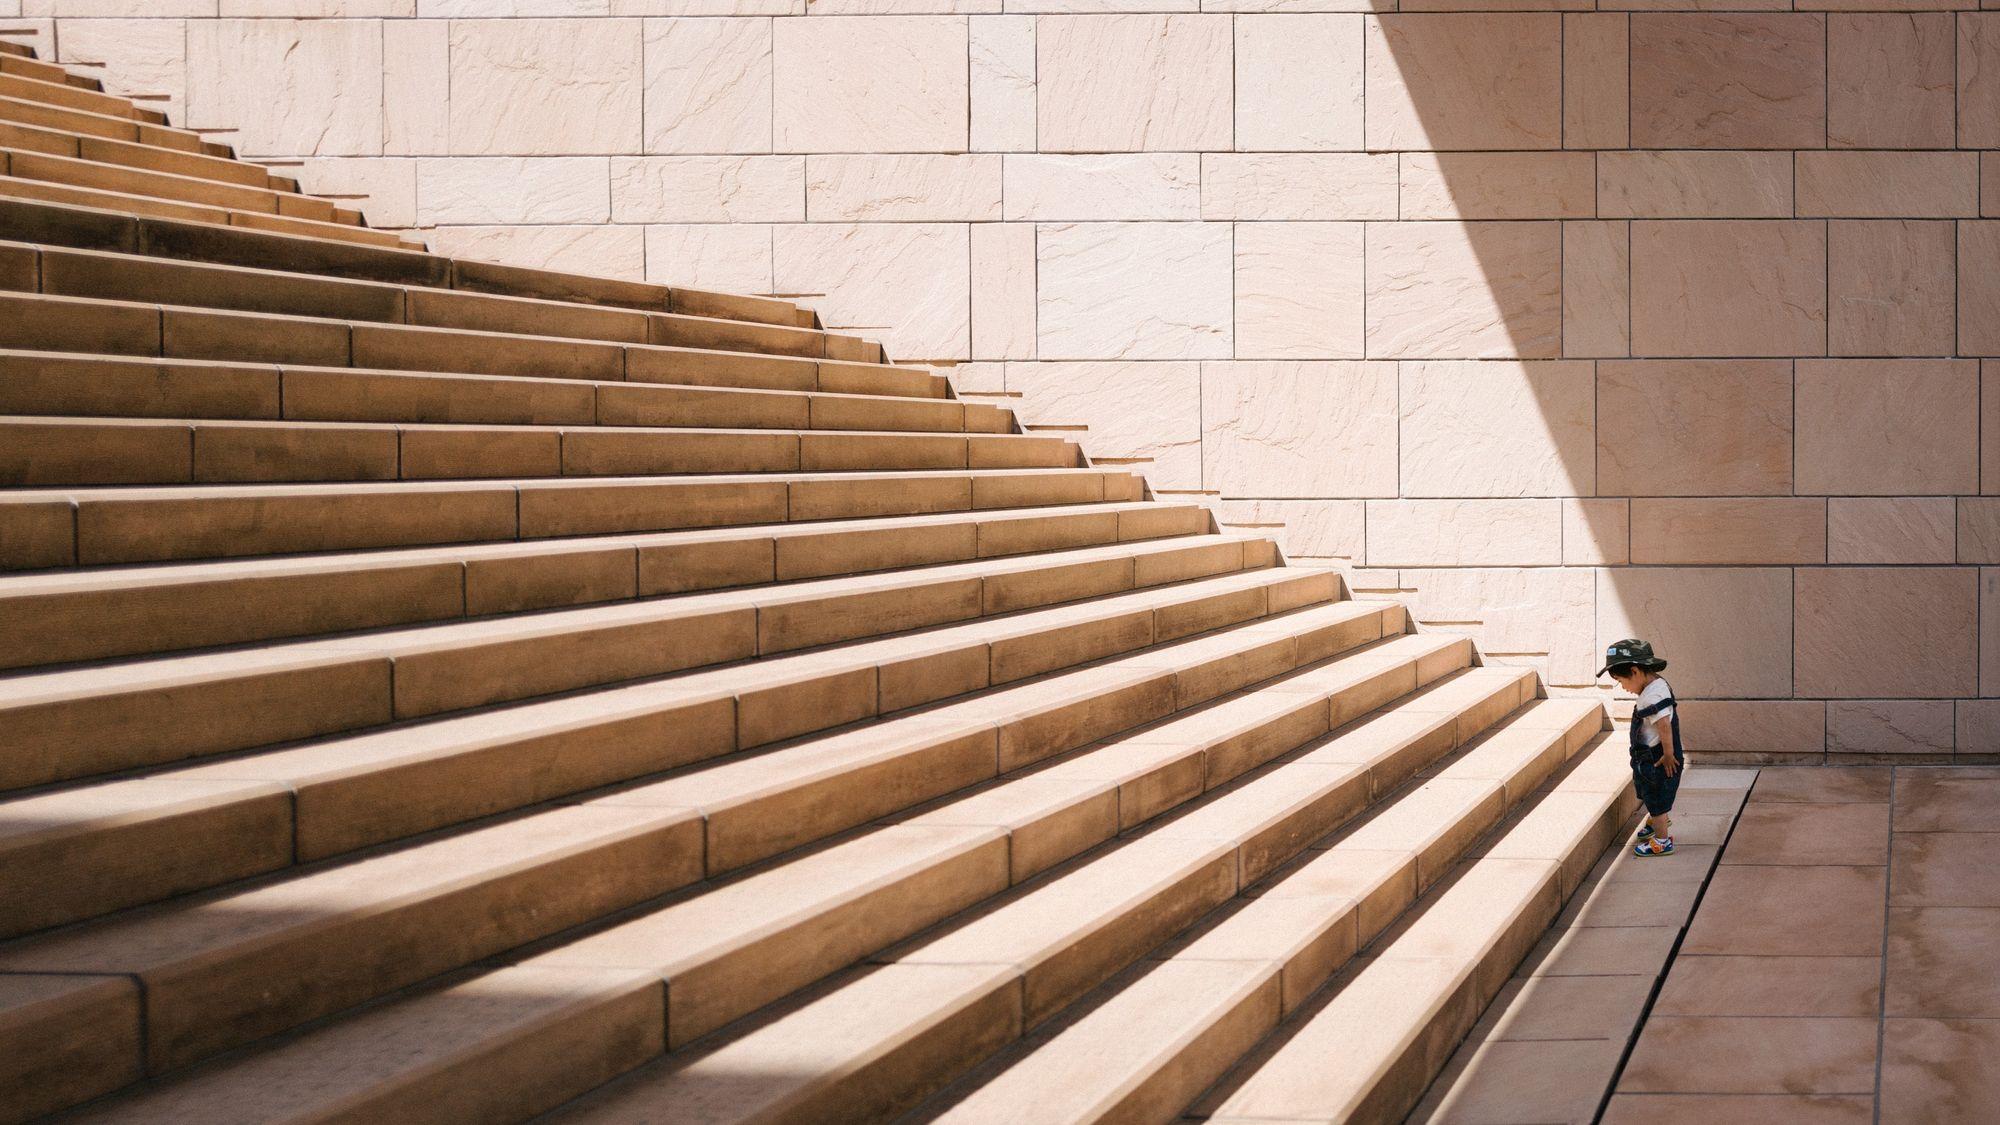 Première expérience commerciale : 5 conseils pour un départ réussi